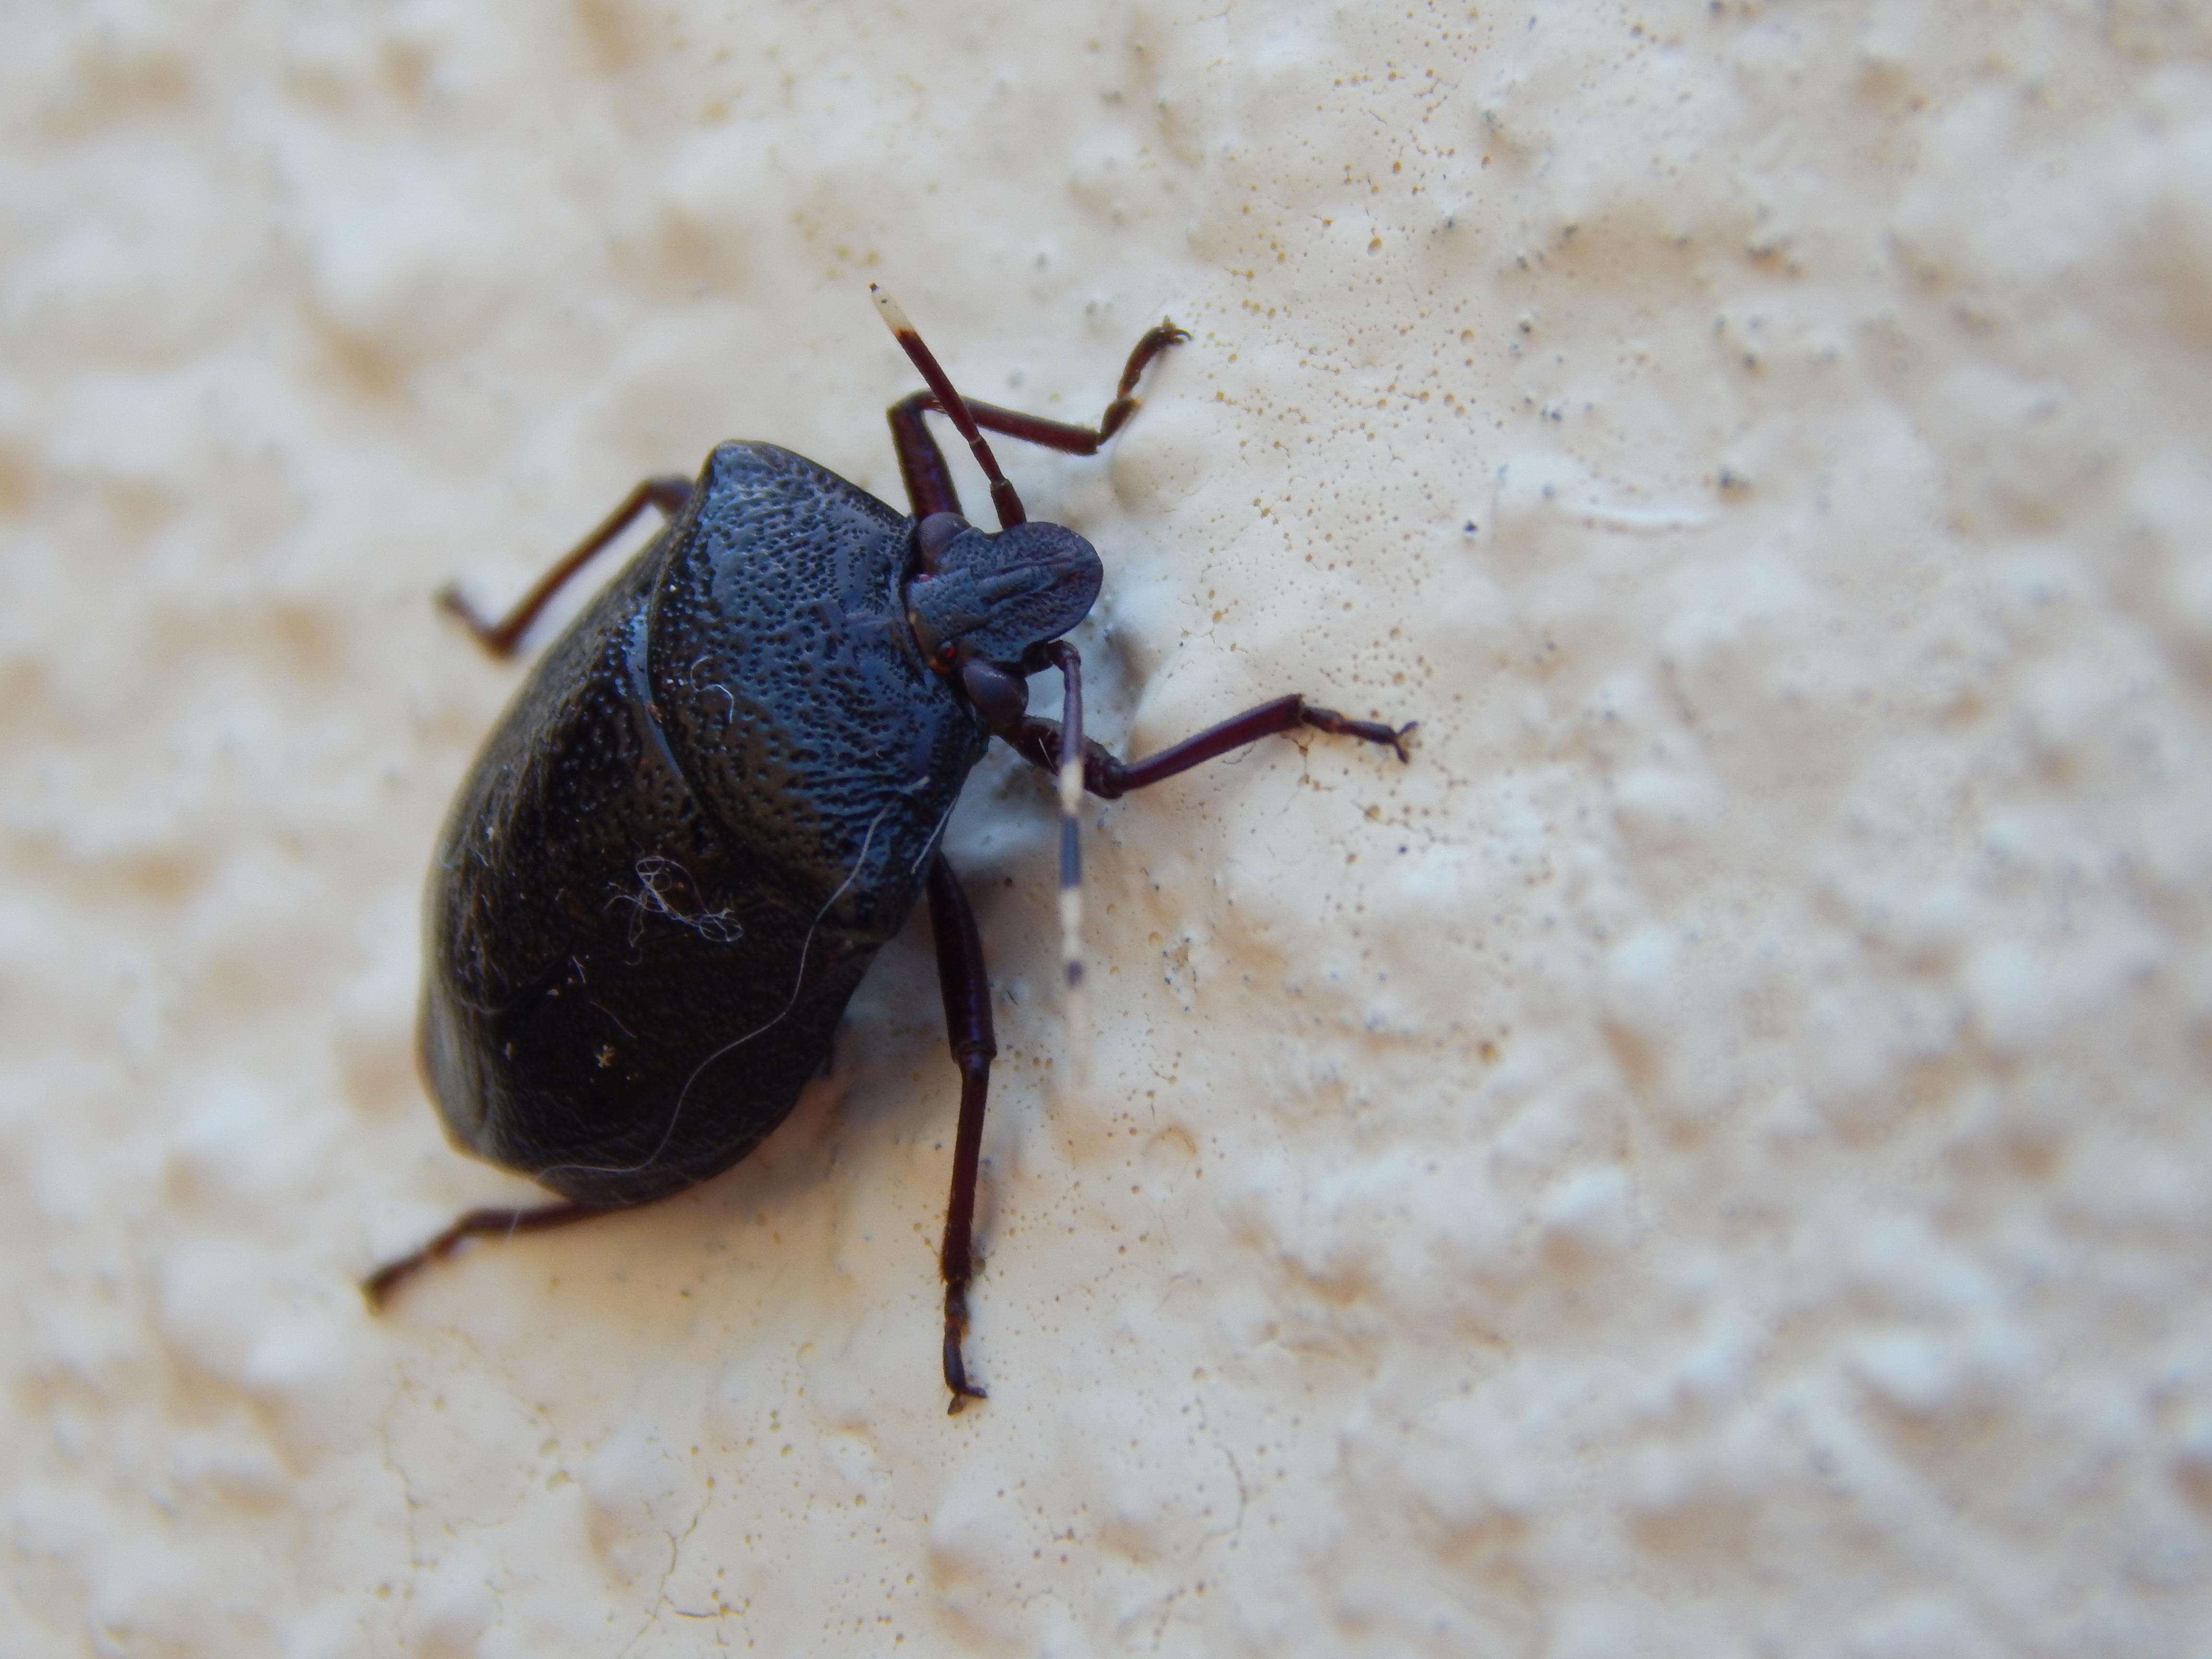 images gratuites la nature la photographie animal insecte punaise jardin faune. Black Bedroom Furniture Sets. Home Design Ideas